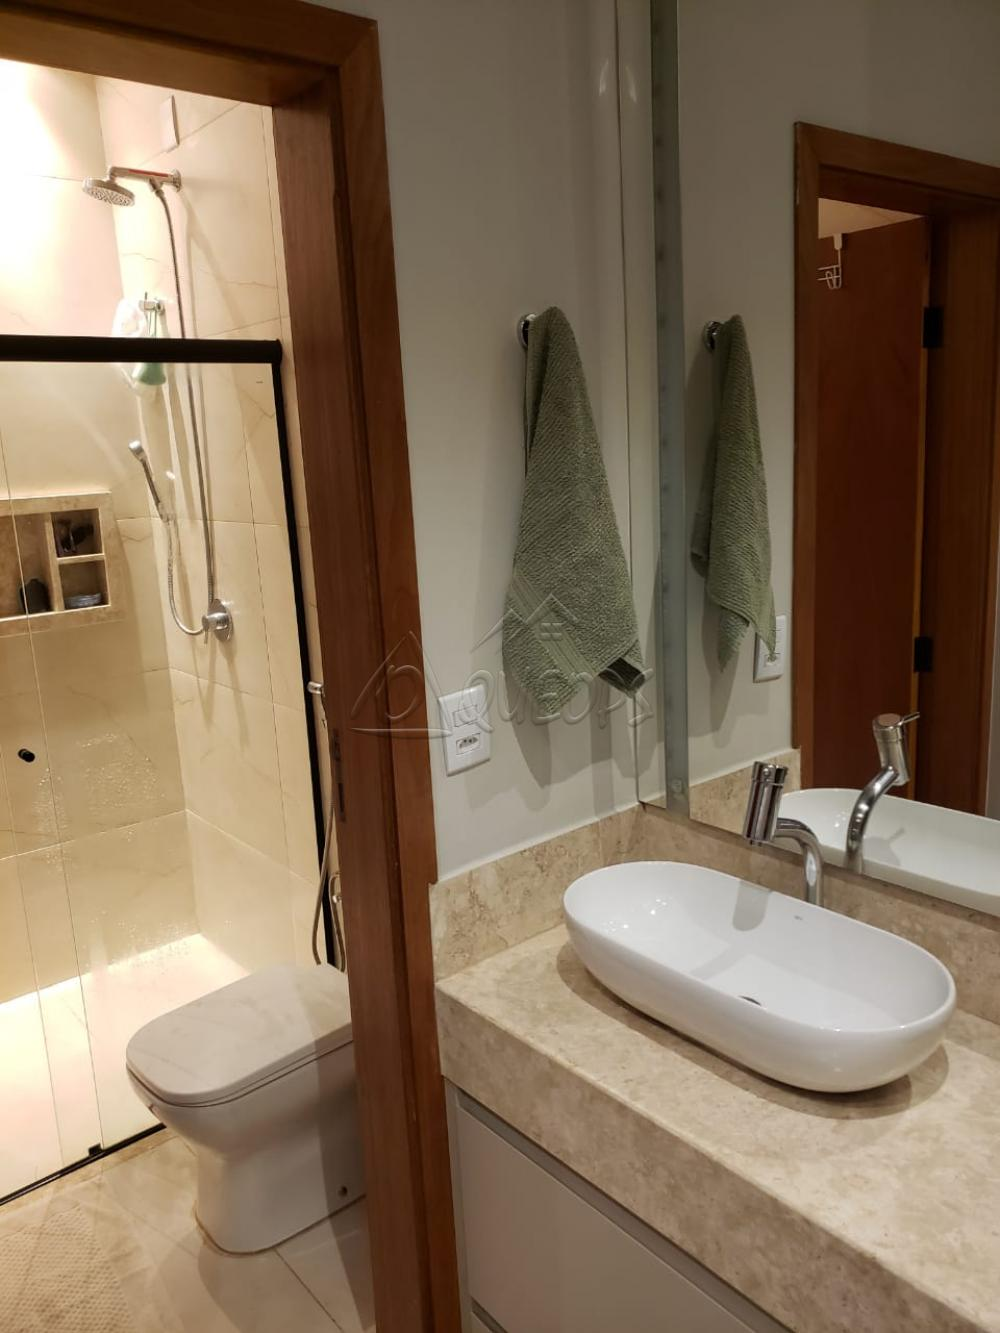 Comprar Casa / Padrão em Barretos apenas R$ 370.000,00 - Foto 8